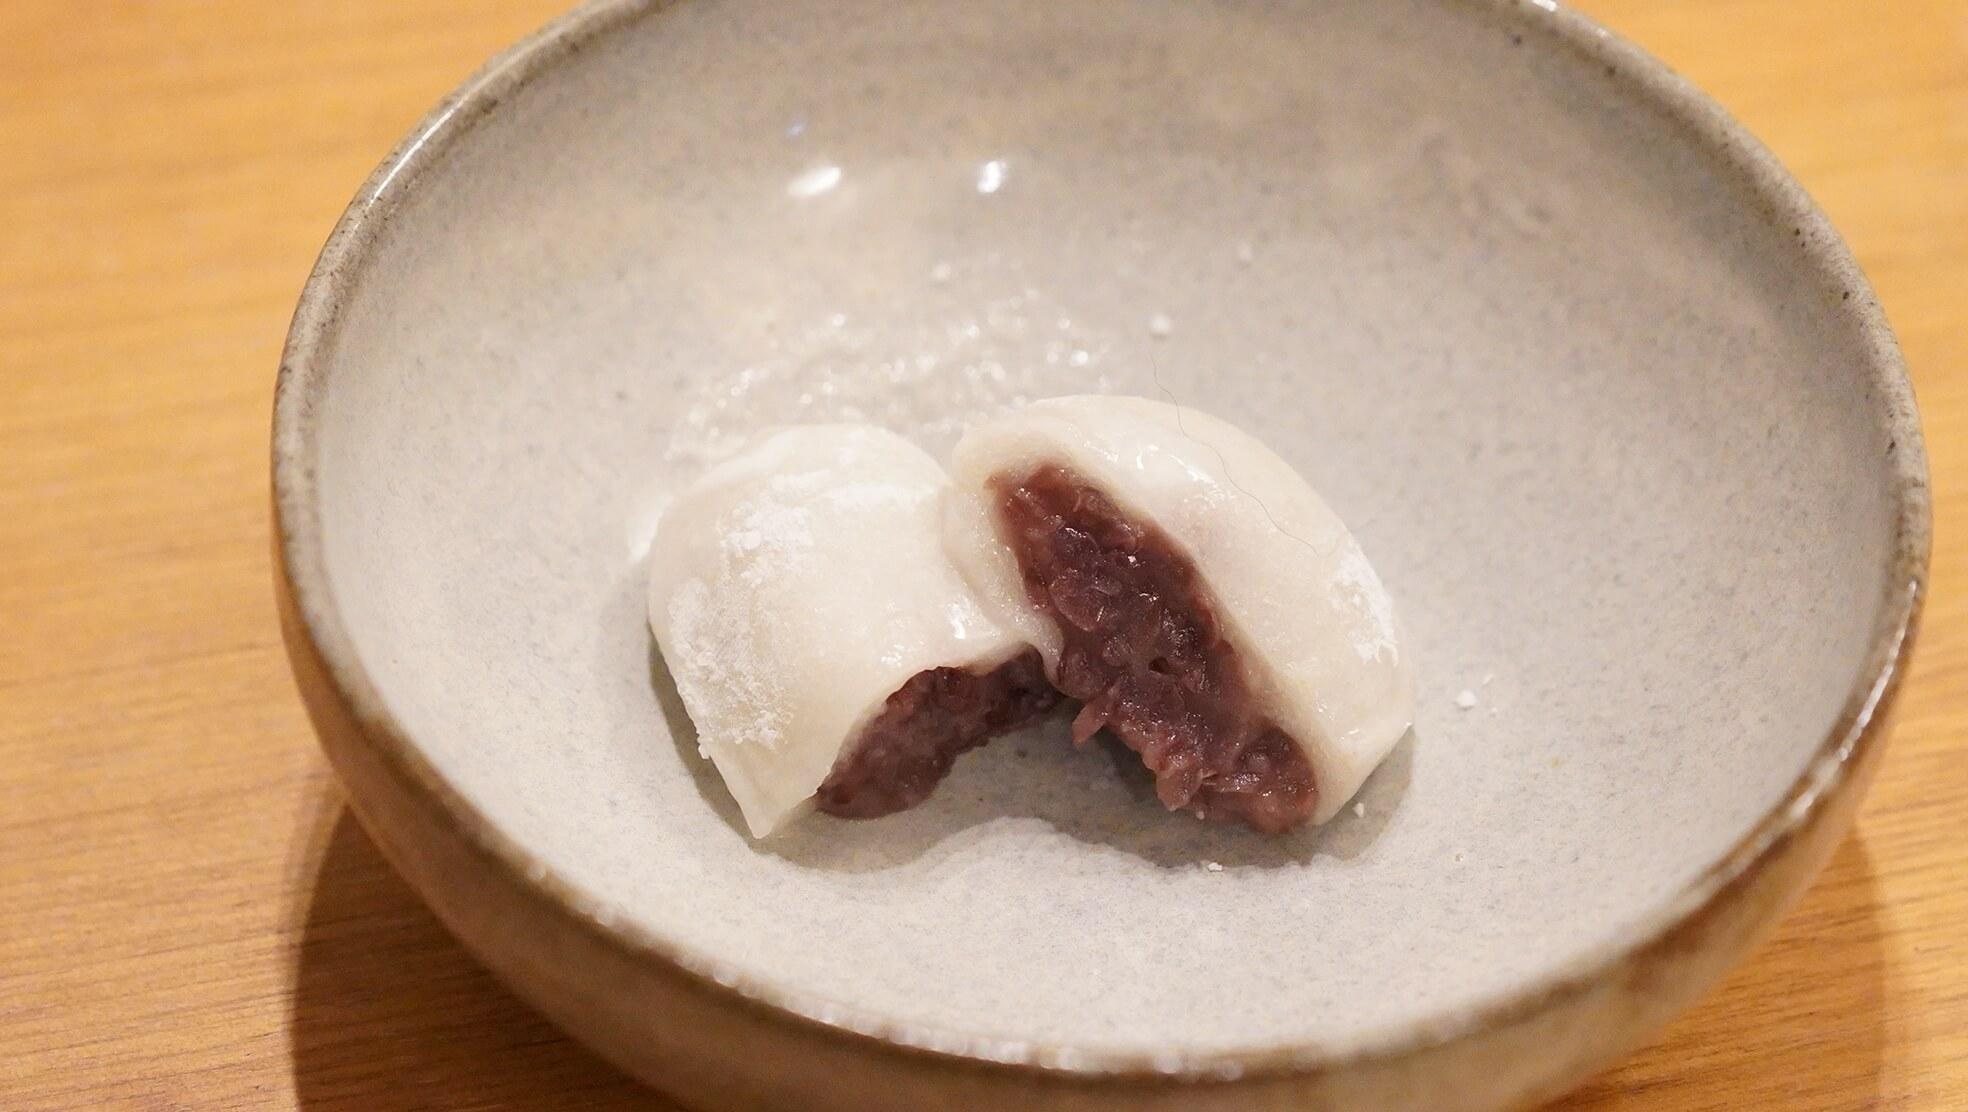 冷凍食品の和菓子スイーツ「井村屋謹製・大福」の断面の写真